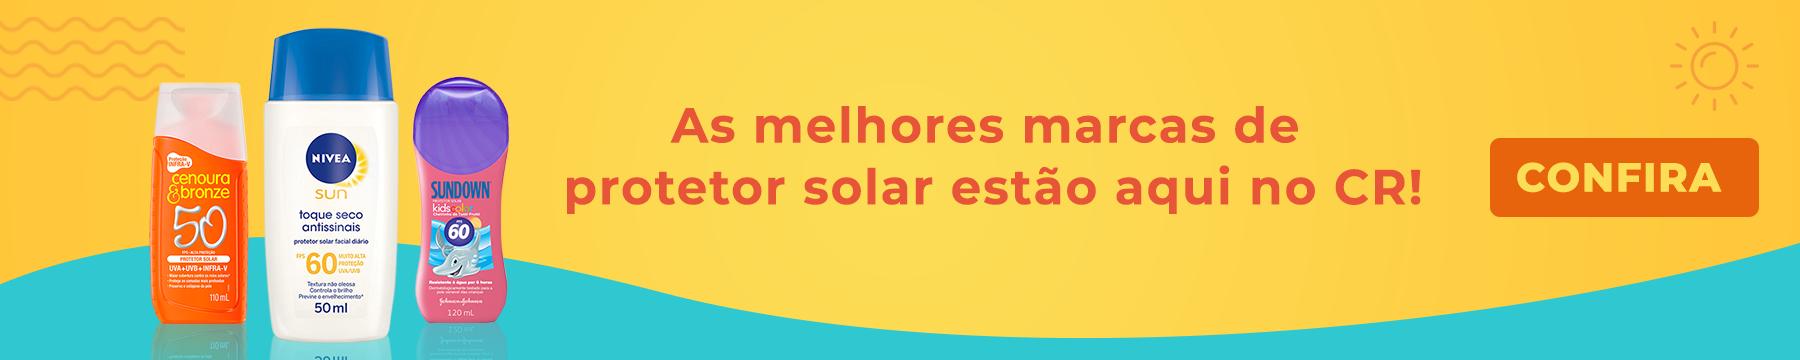 3539c7503bb391985431295cdb60719ca64df141protetor solar 1800x360